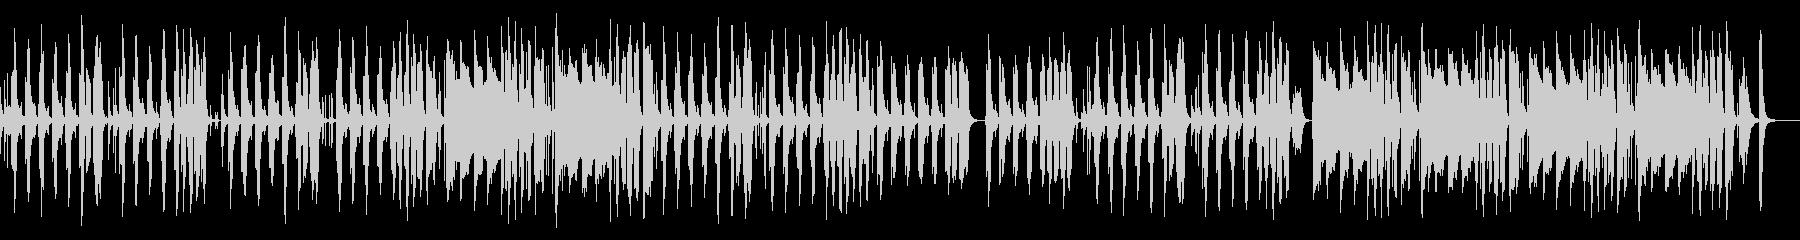 妖艶でコミカルなサックスのジャズ風曲の未再生の波形